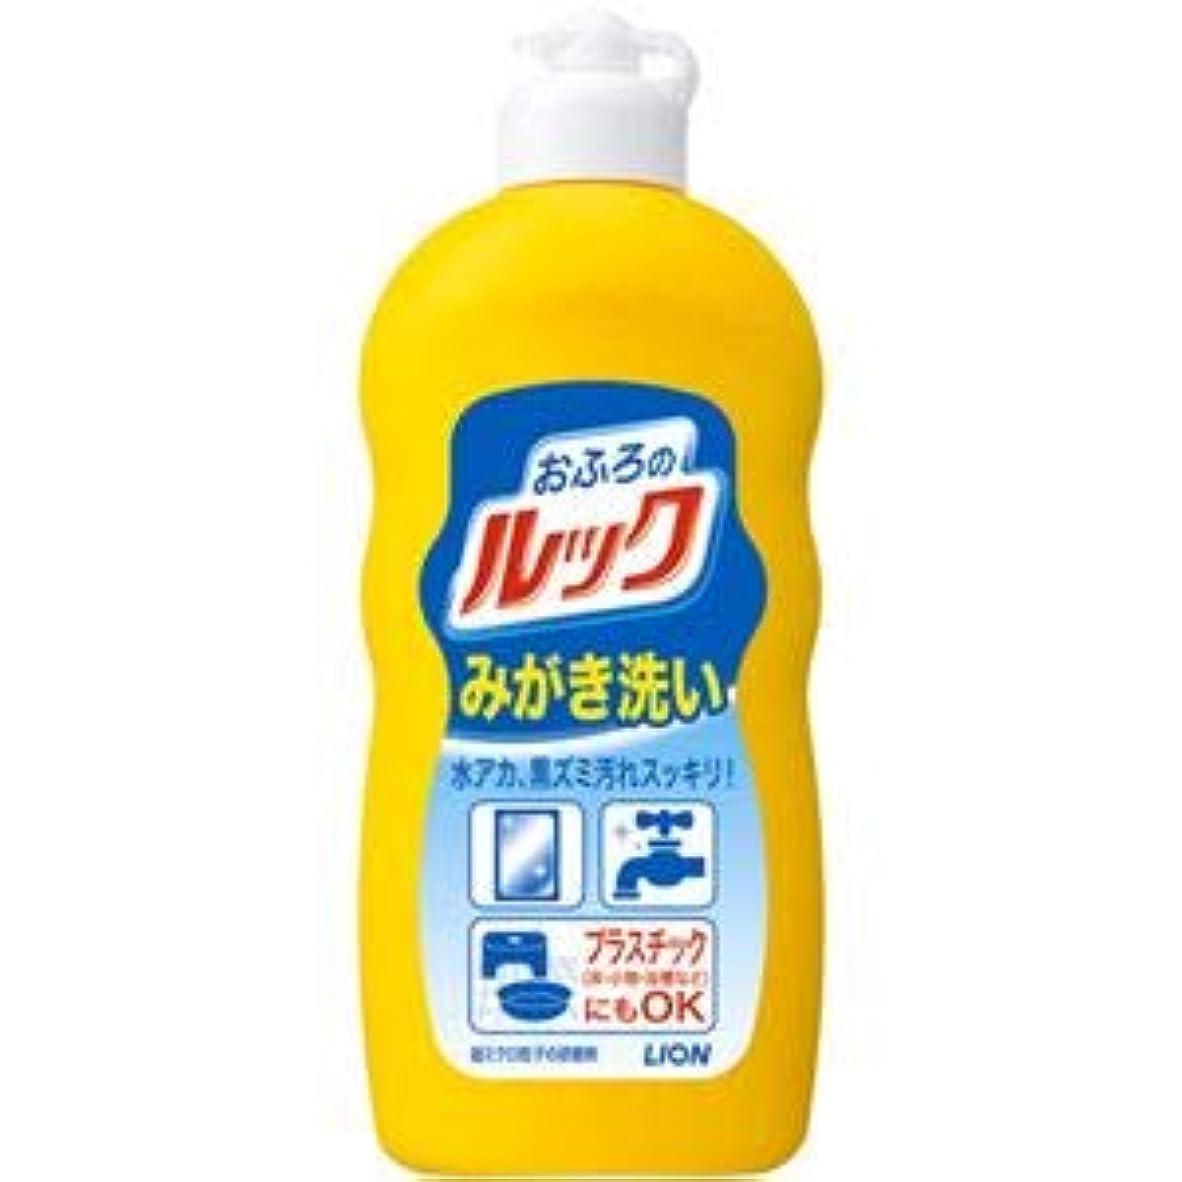 注入バラエティ製油所(まとめ)ライオン おふろのルックみがき洗い 【×5点セット】